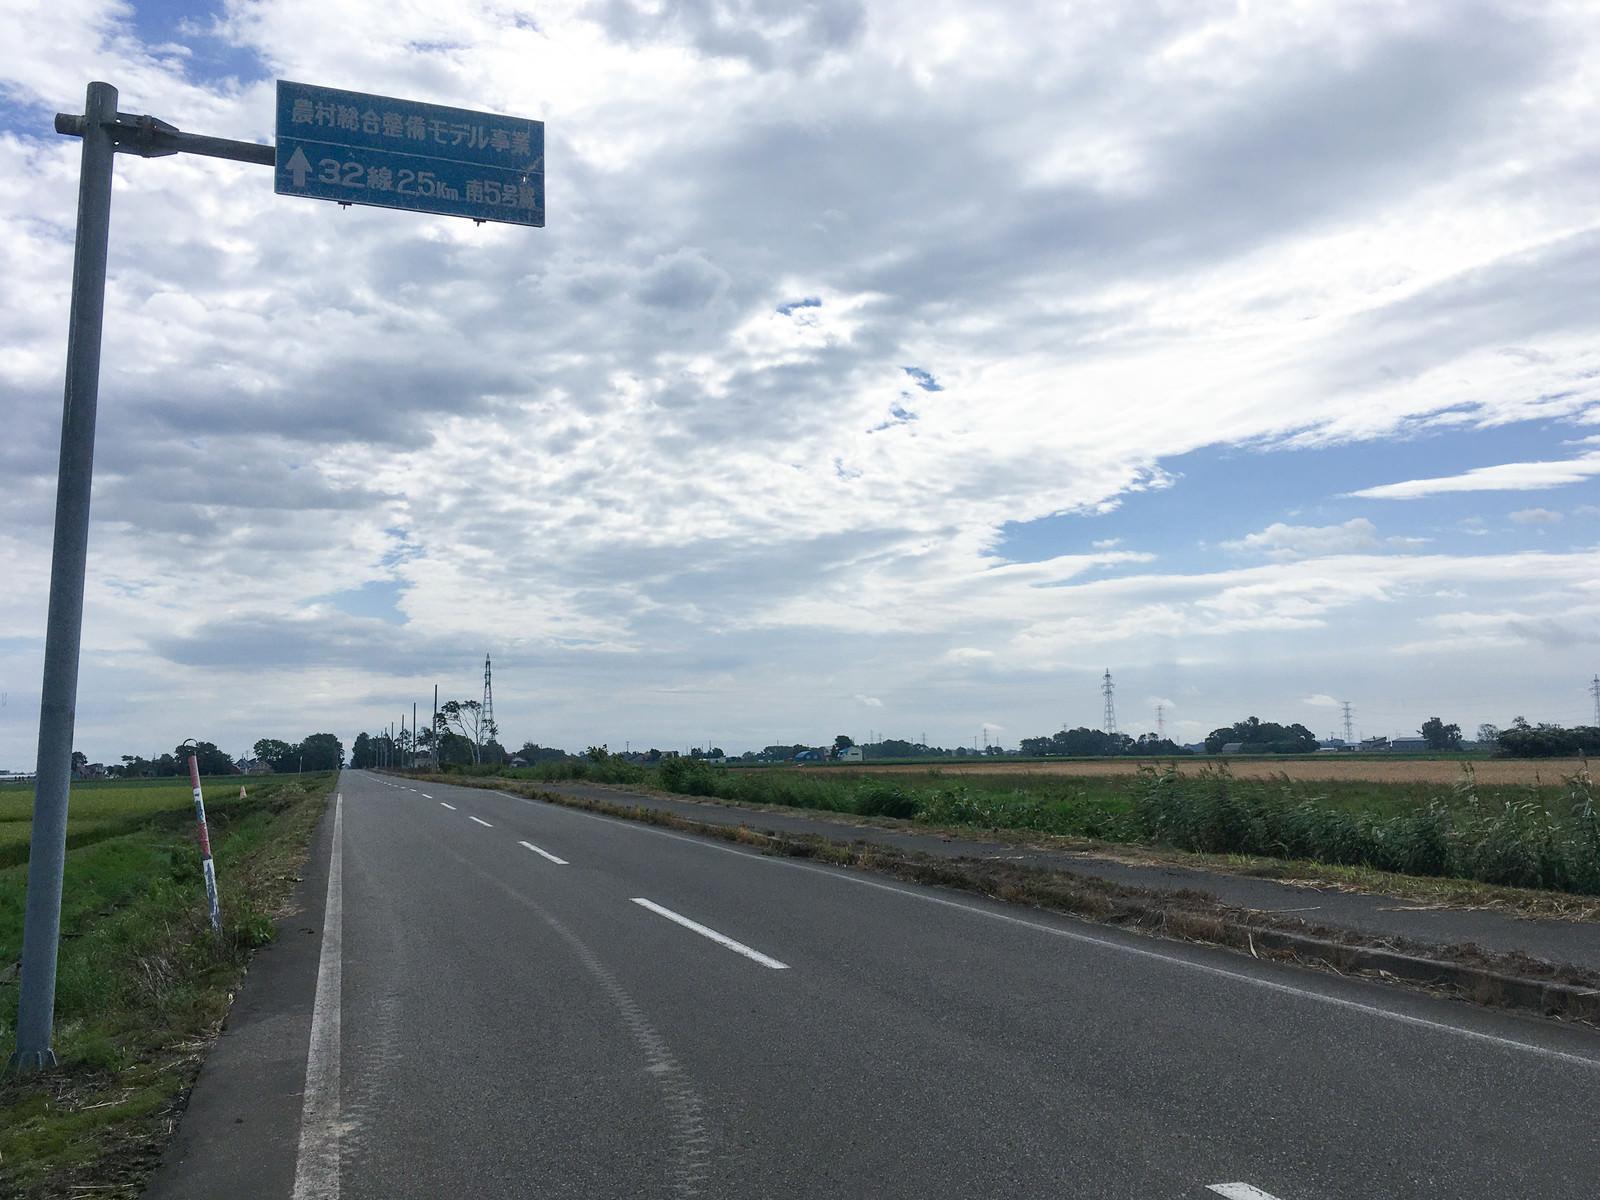 「農村総合整備モデル事業 32線2.5km 南5号線」の写真